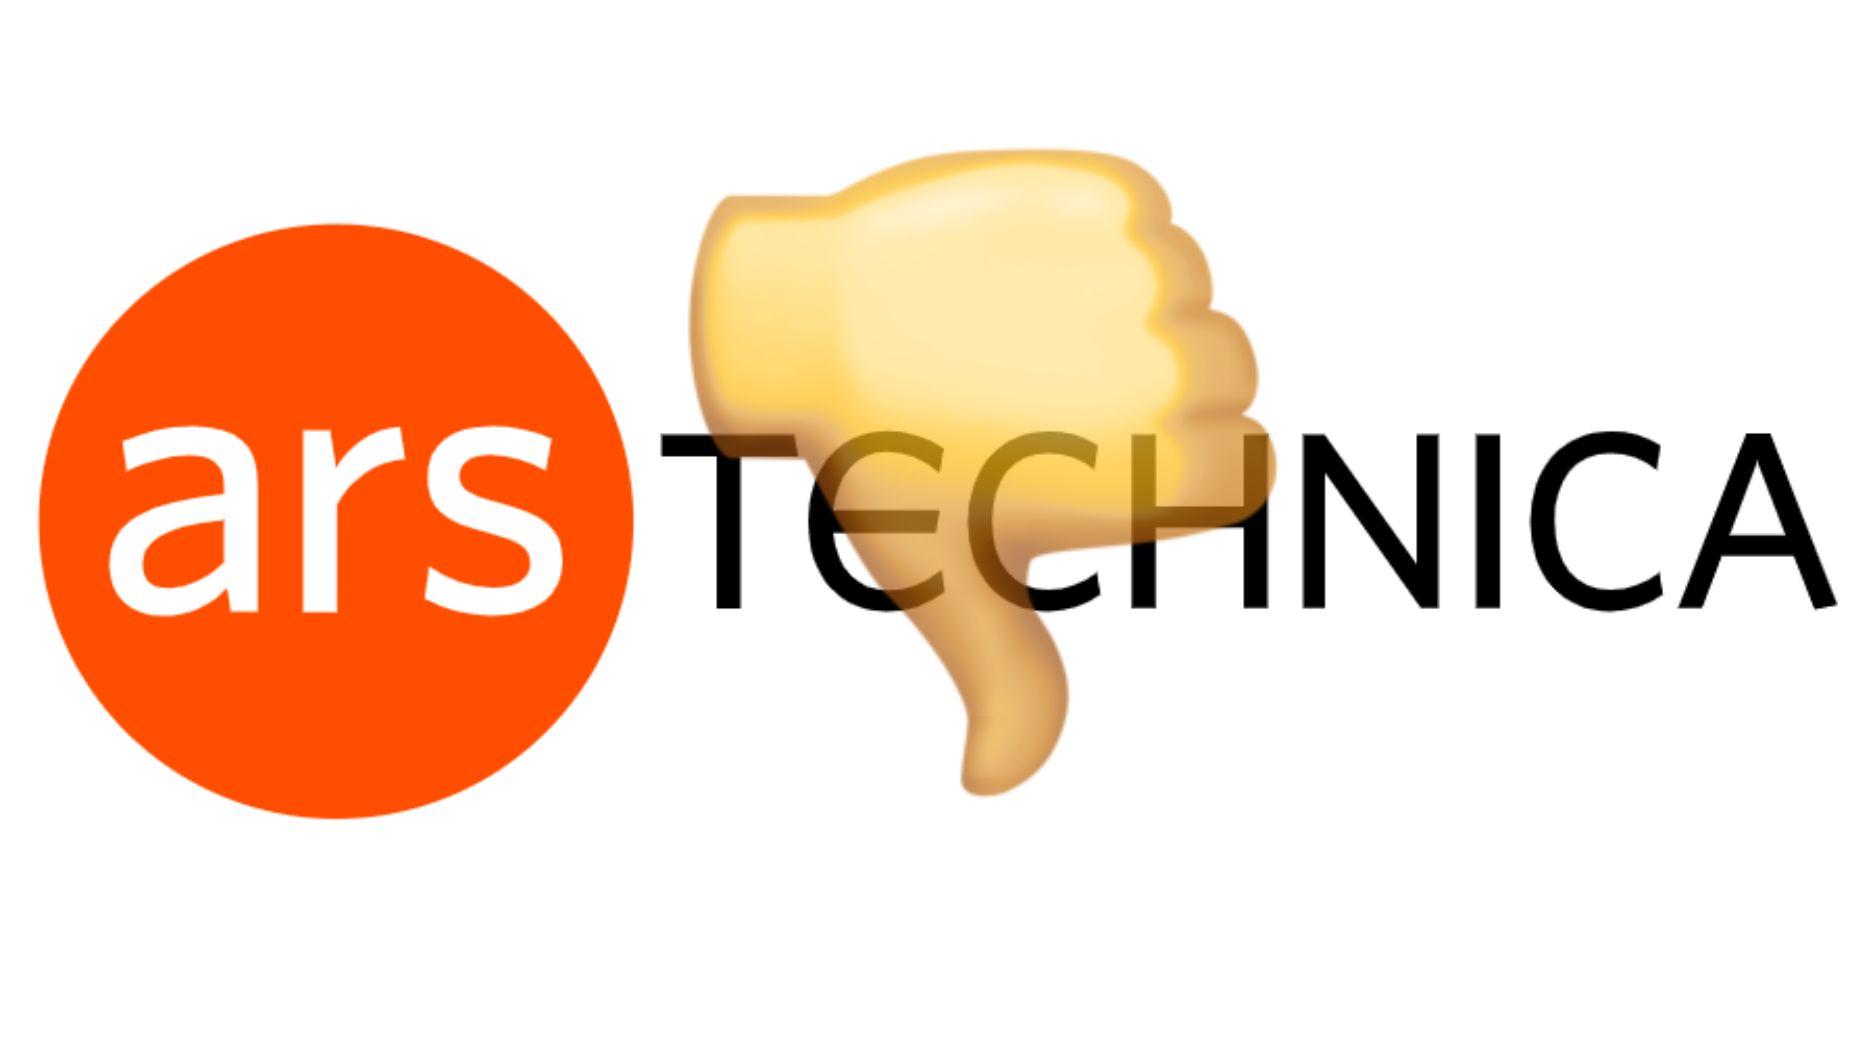 Composición a partir de un Logo oficial de ARS Technica